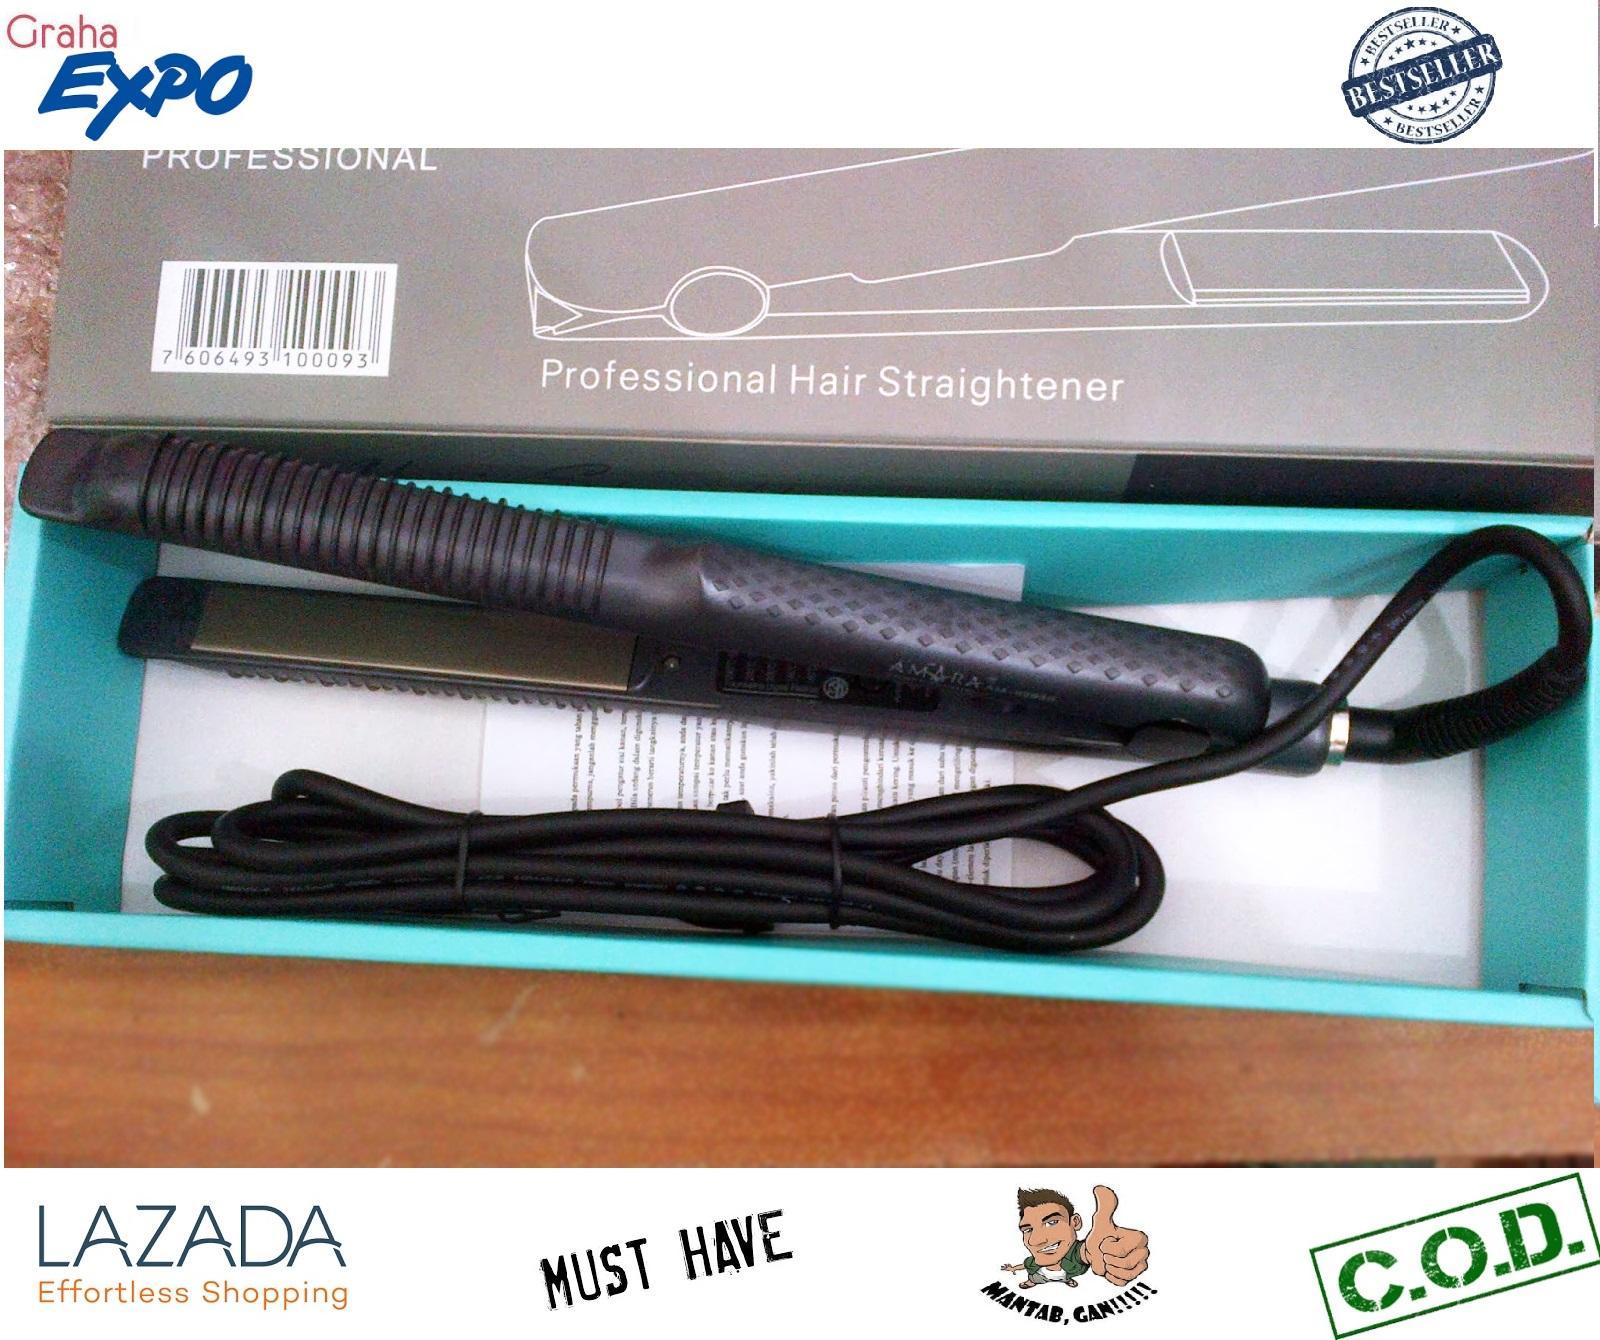 Perlengkapan Hair Styler Terbaik Catokan 3in1 Nhc 8890 Amara Catok Lurus Dan Keriting 2 In 1 Straightener